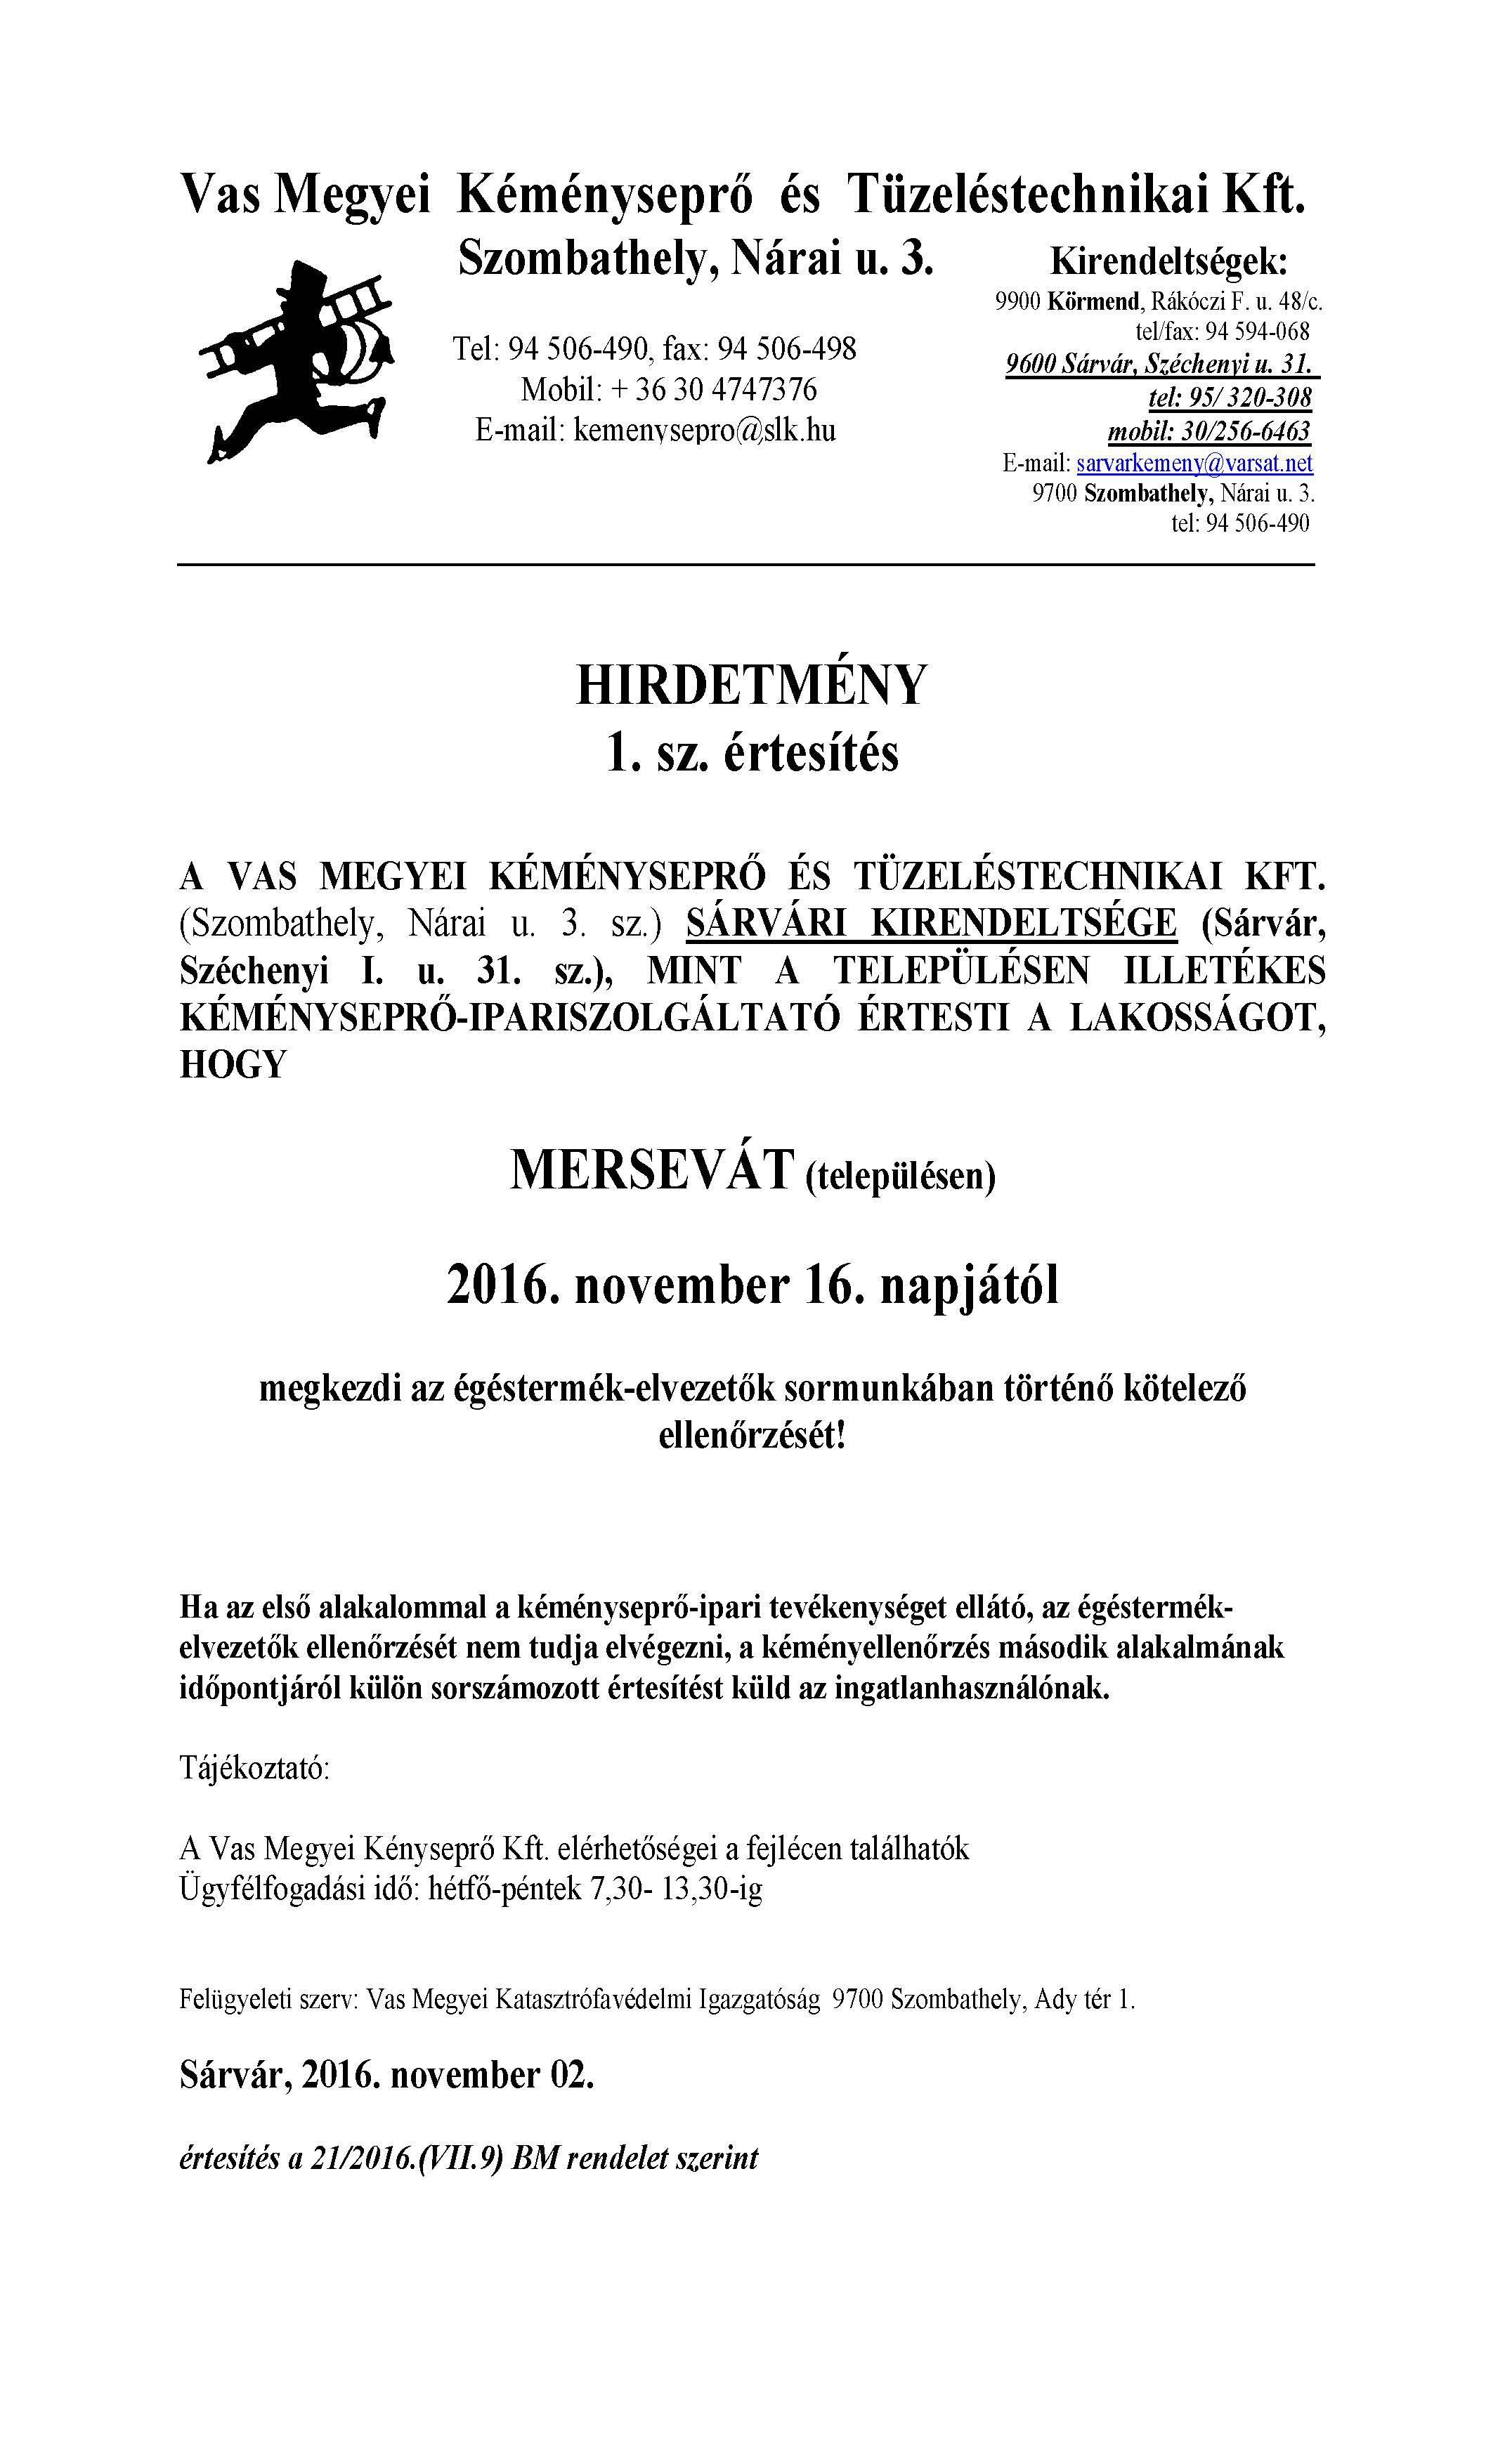 Kéményseprő-ipariszolgáltató értesítése